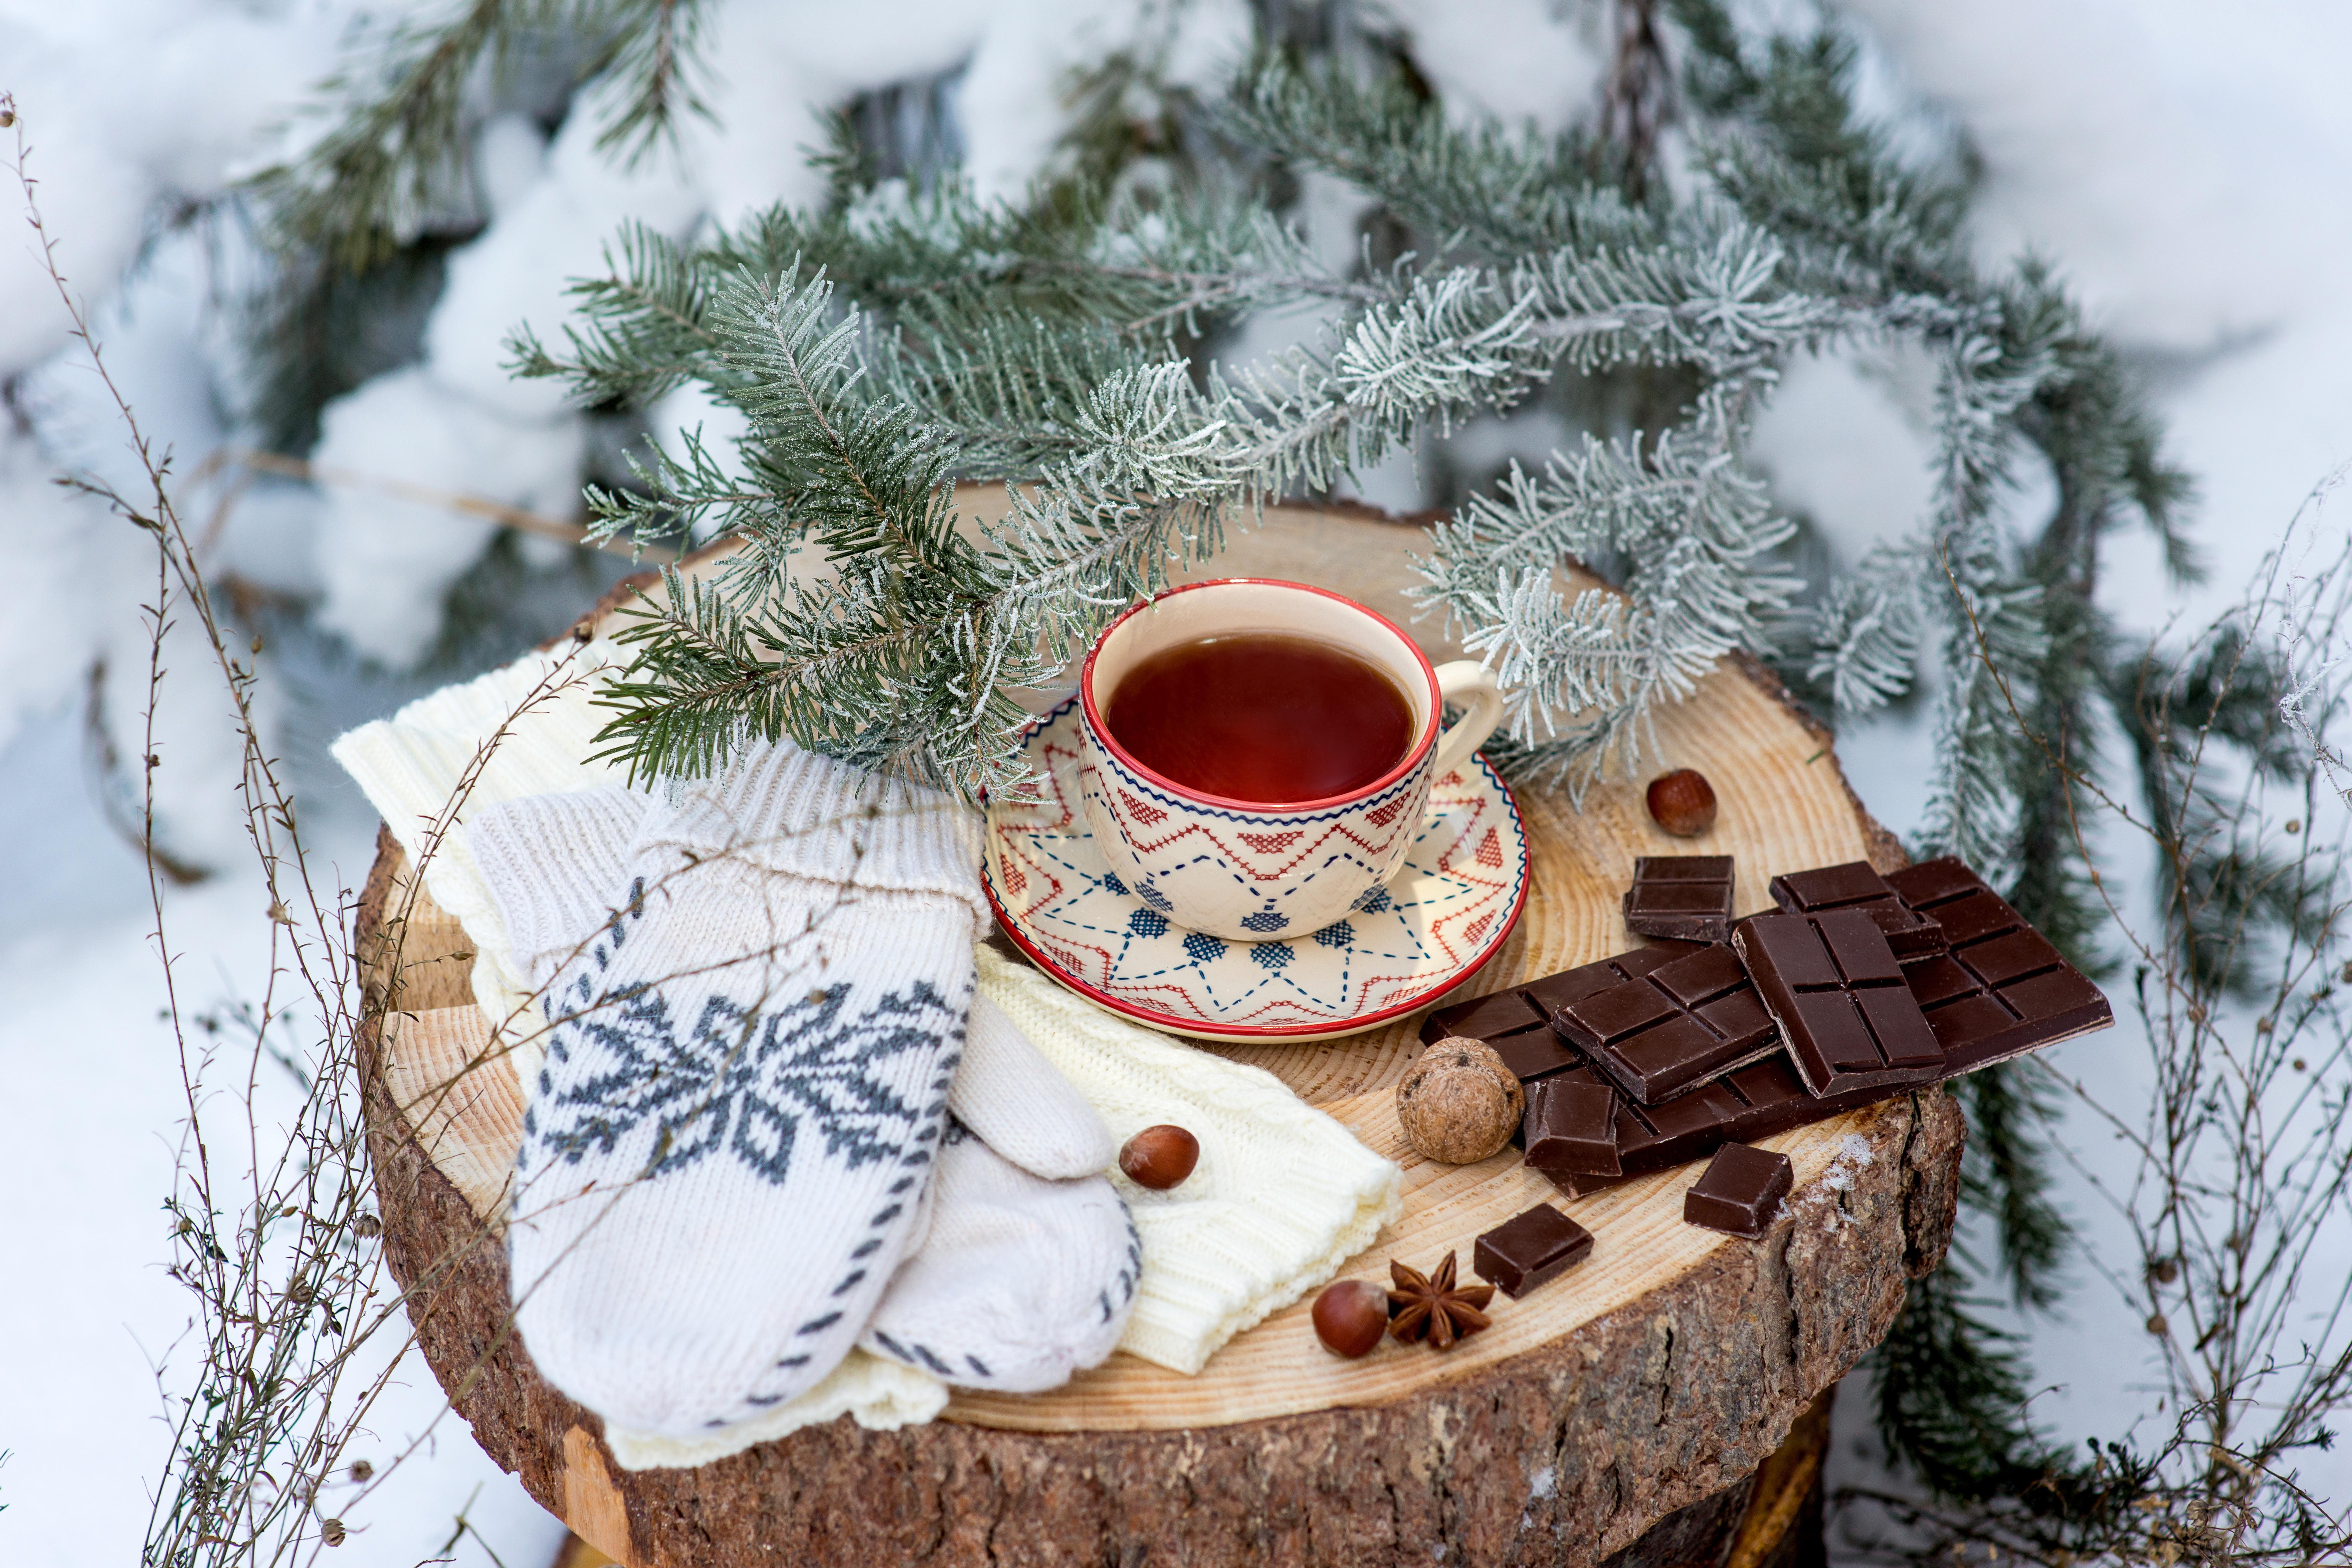 природе кофе зима картинки красивые природа комментариях